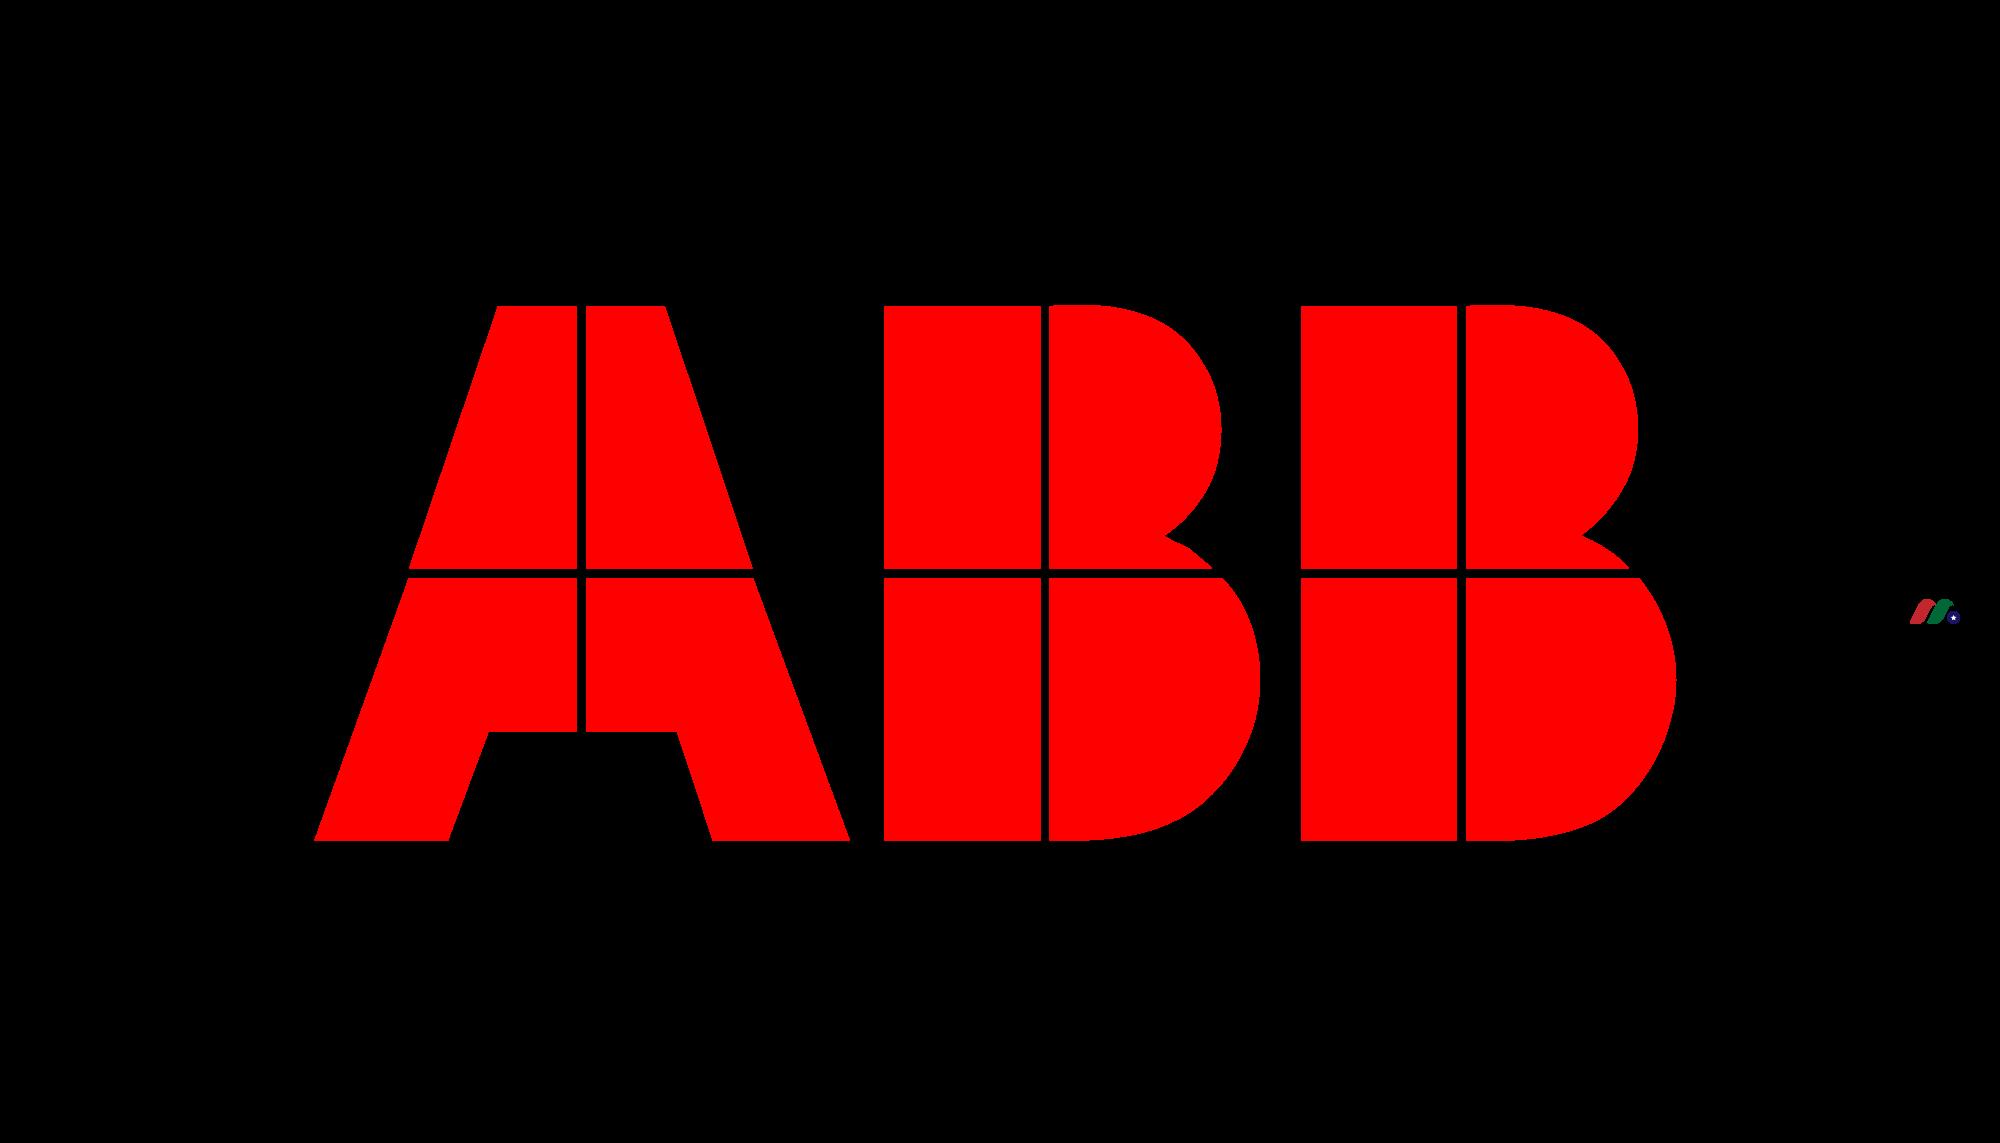 电力&自动化解决方案:瑞士艾波比 ABB Ltd.(ABB)